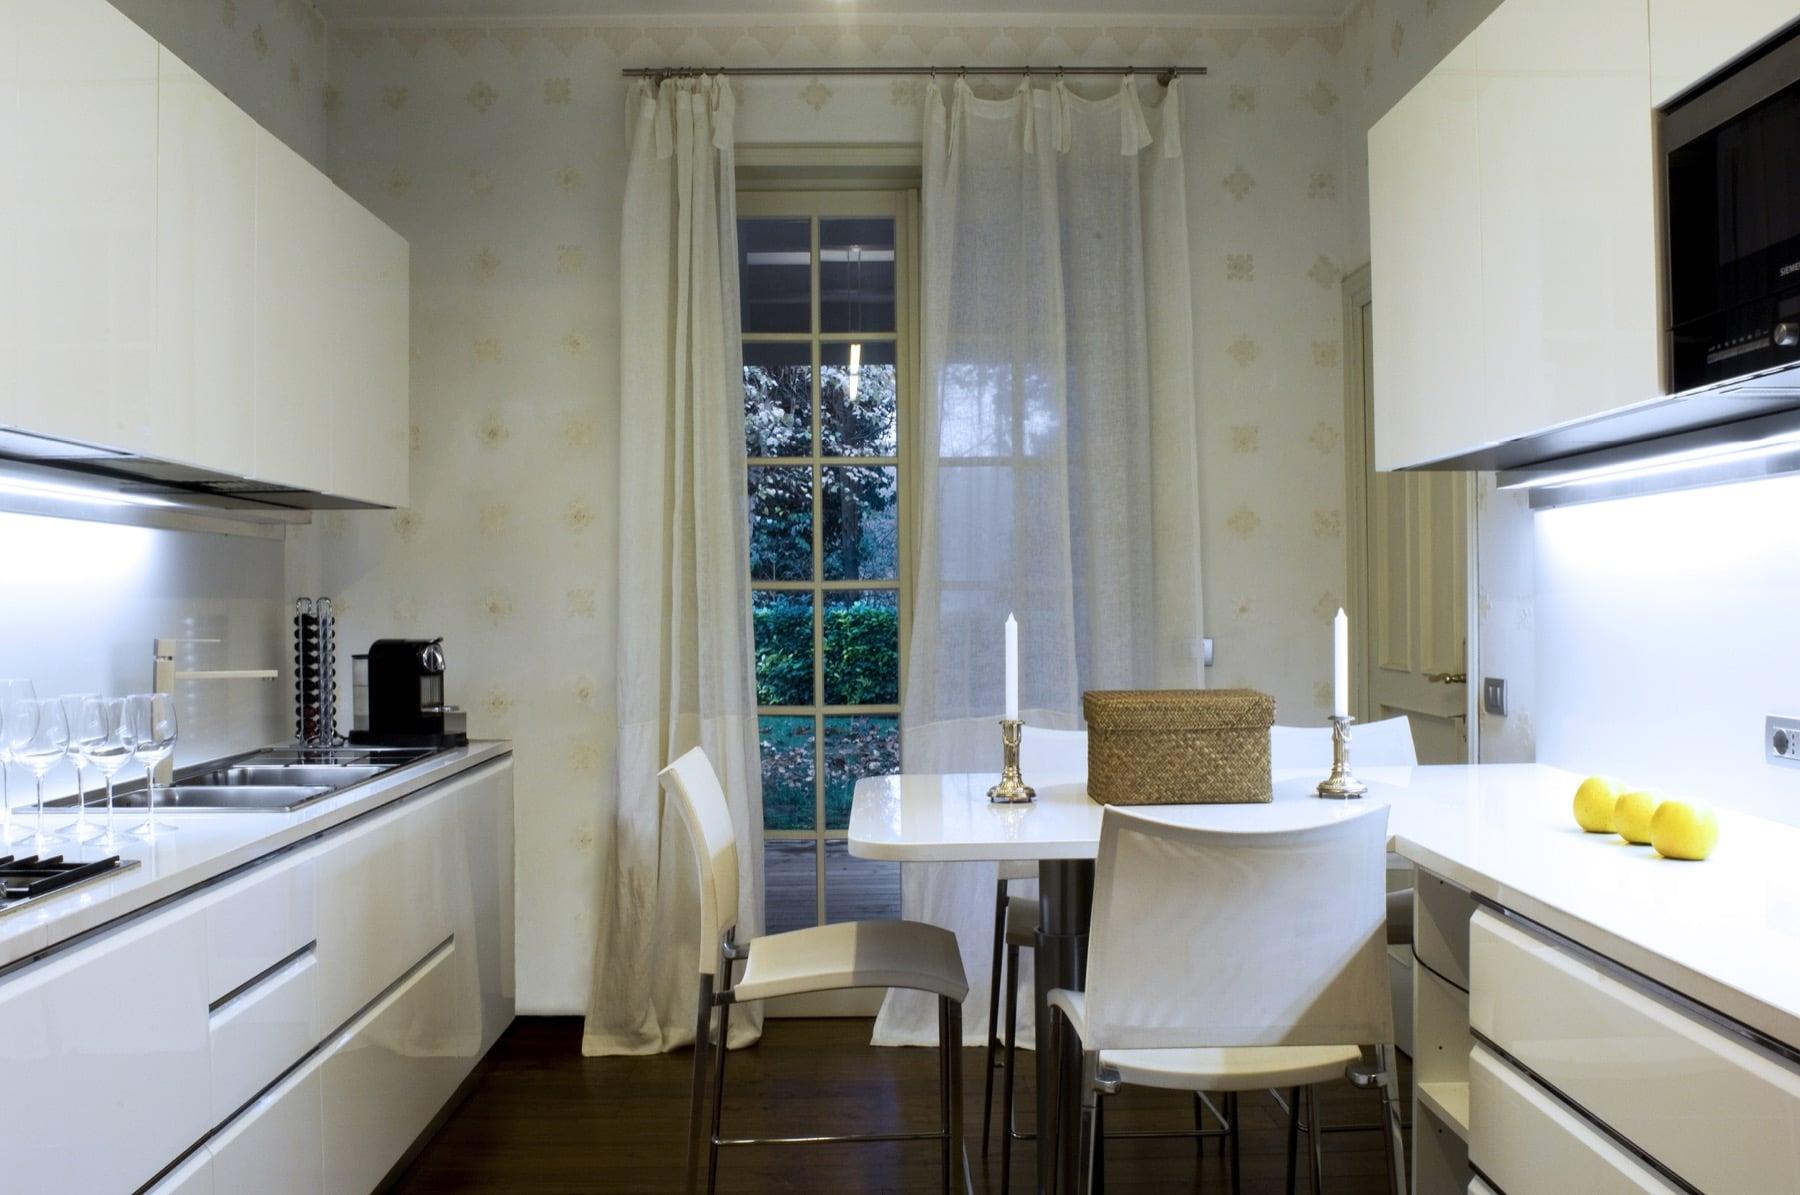 Villa in Piacenza — Quadrature Interiors — 11